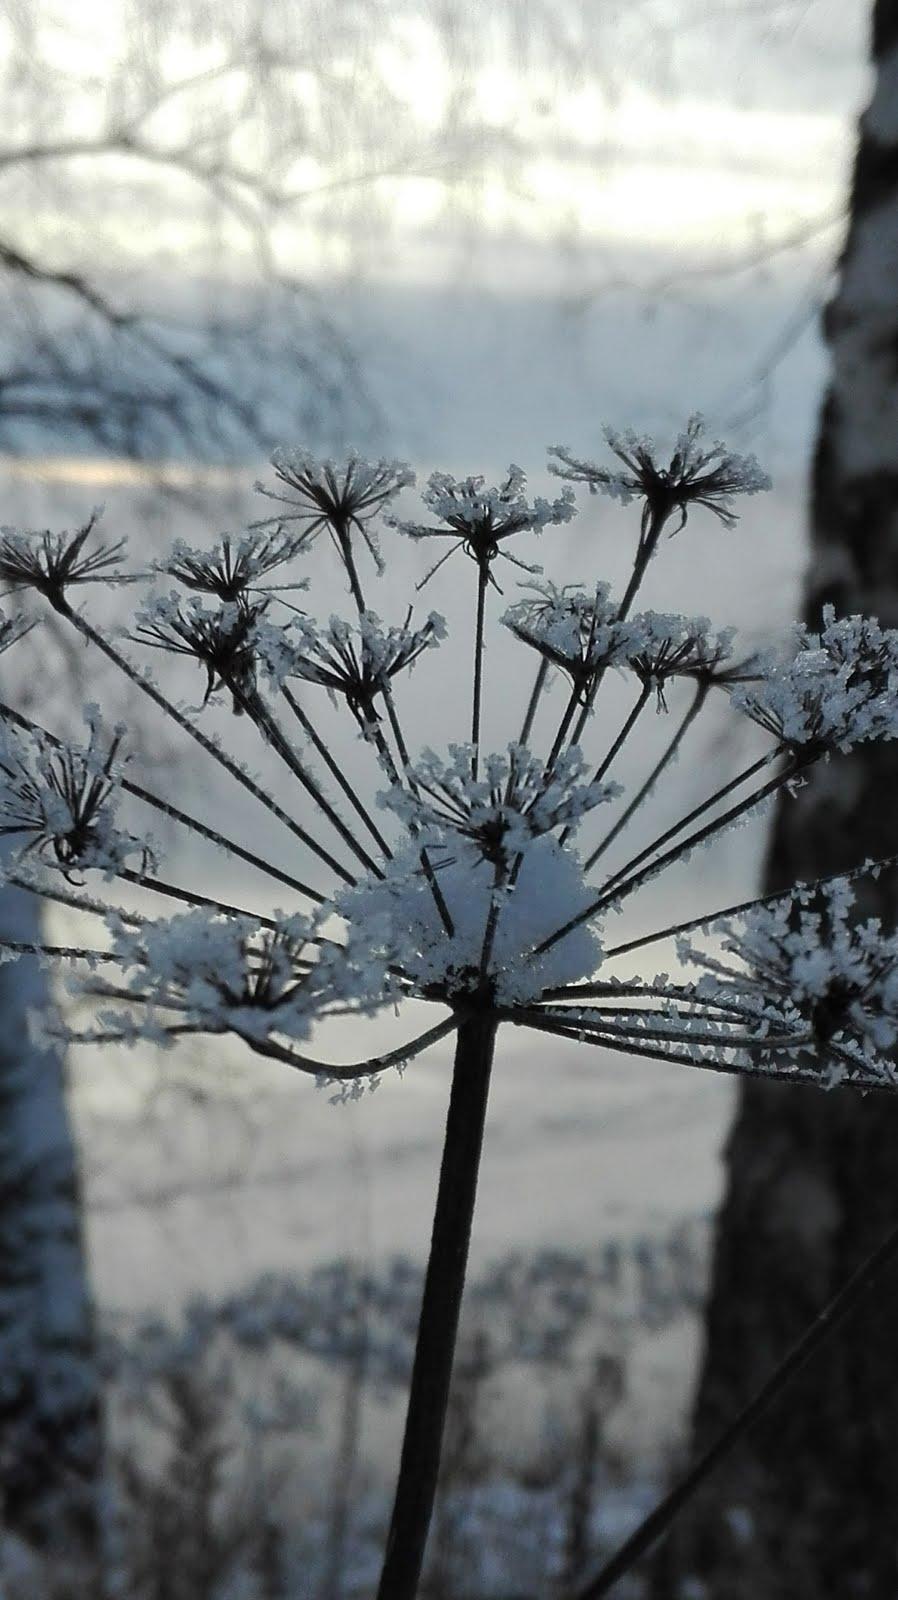 Marraskuun usvaa ja lunta vihdoinkin